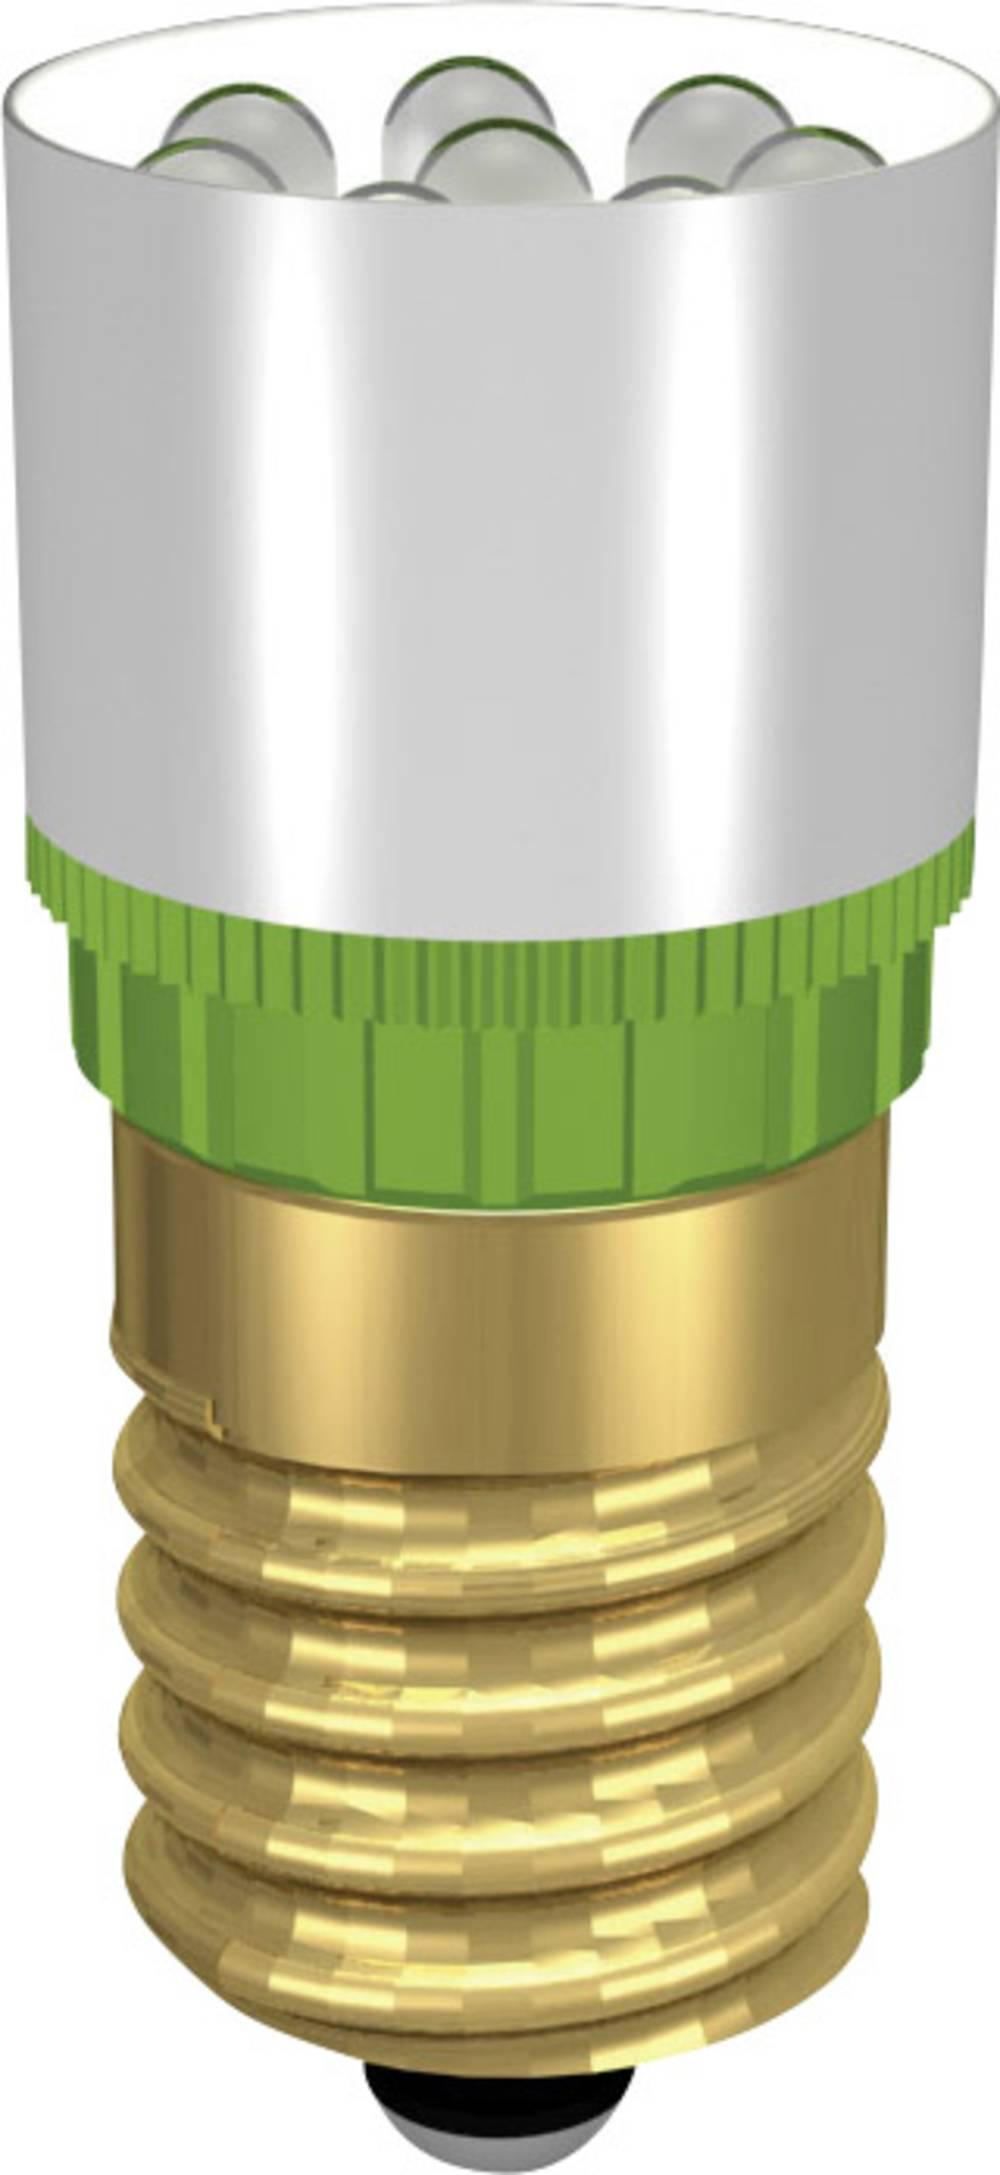 LED žarnica E14 bela 24 V/DC, 24 V/AC 13000 mcd Signal Construct MCRE148364